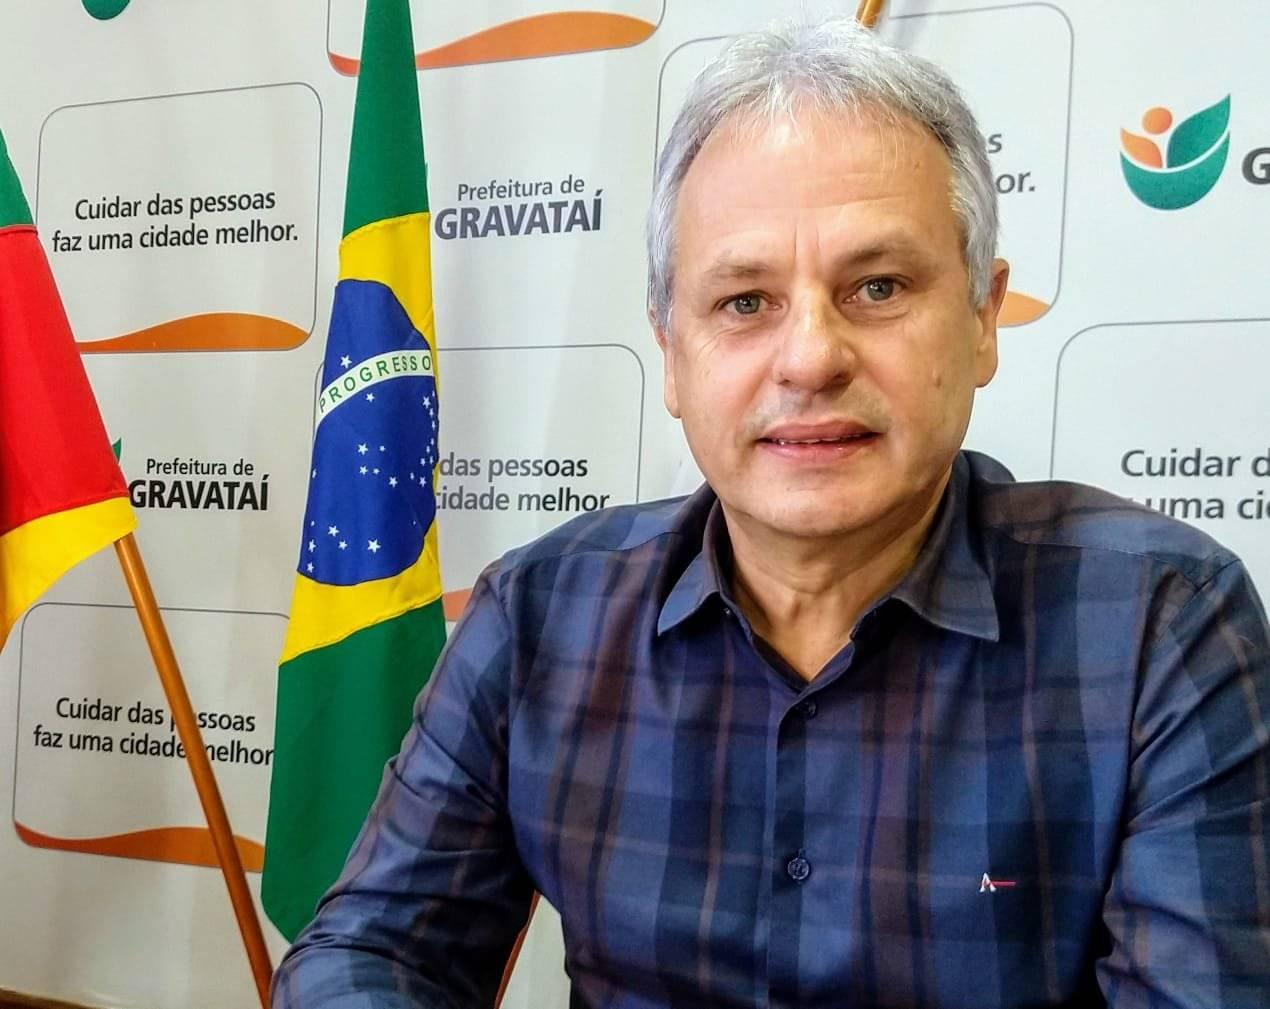 Prefeito de Gravataí defende negociação pacífica e sem radicalismos com a GM